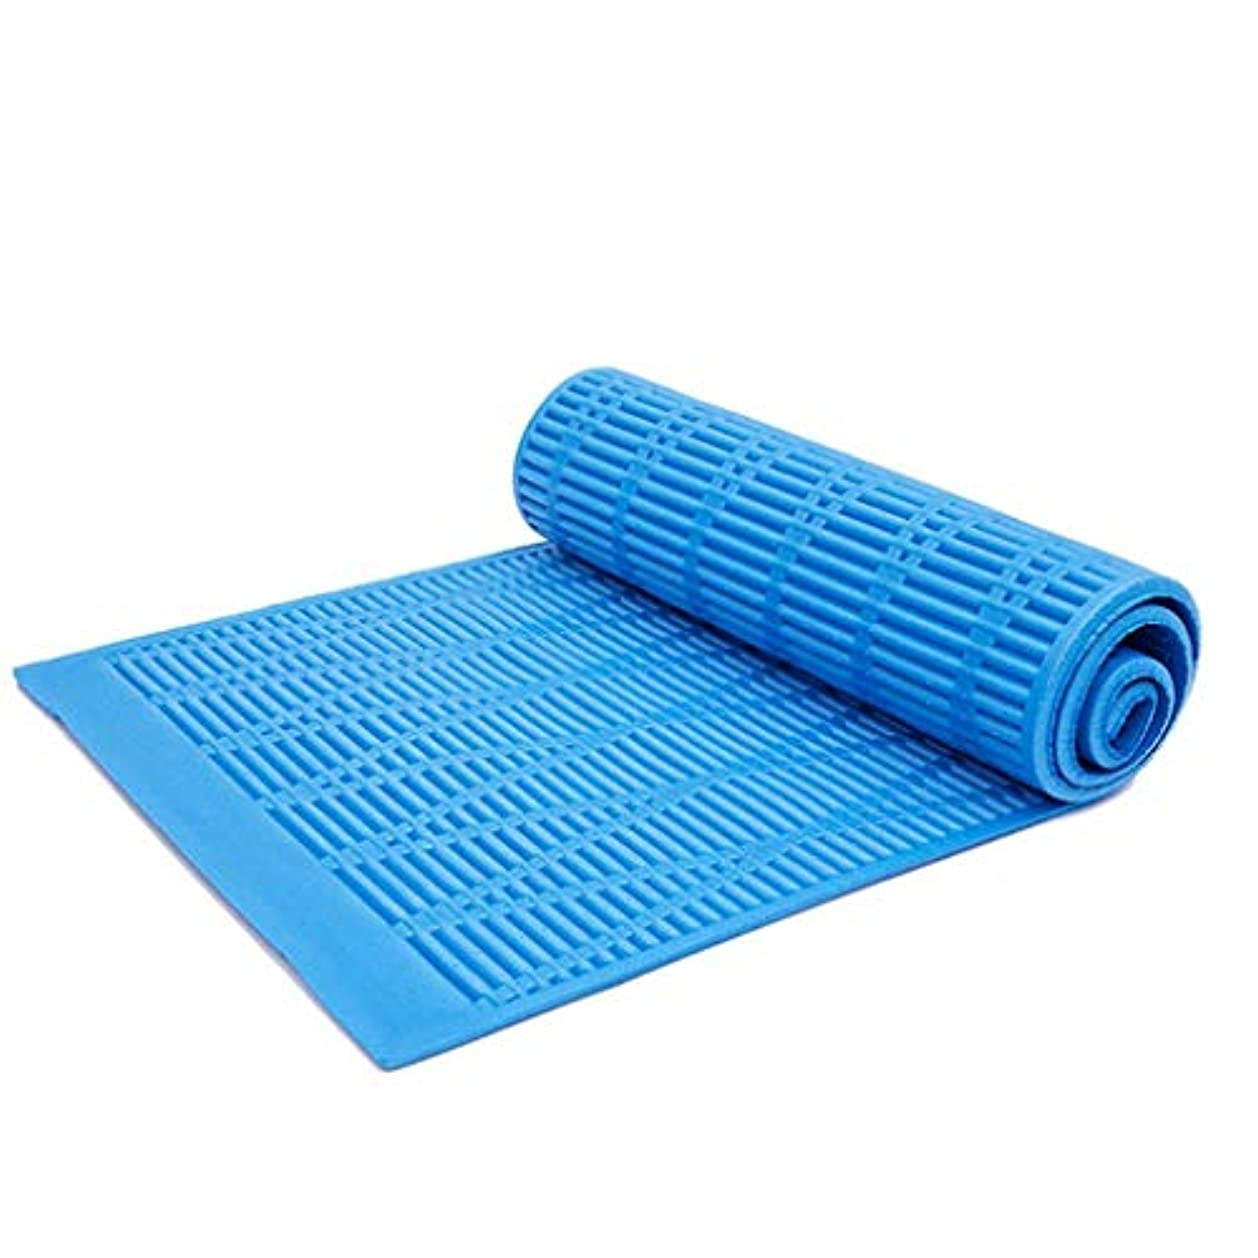 肉空中ディスコパッド入り防水マットポータブル折りたたみパネルテントキャンプ睡眠マットピクニックマット (Color : Blue, Size : 180*56cm)